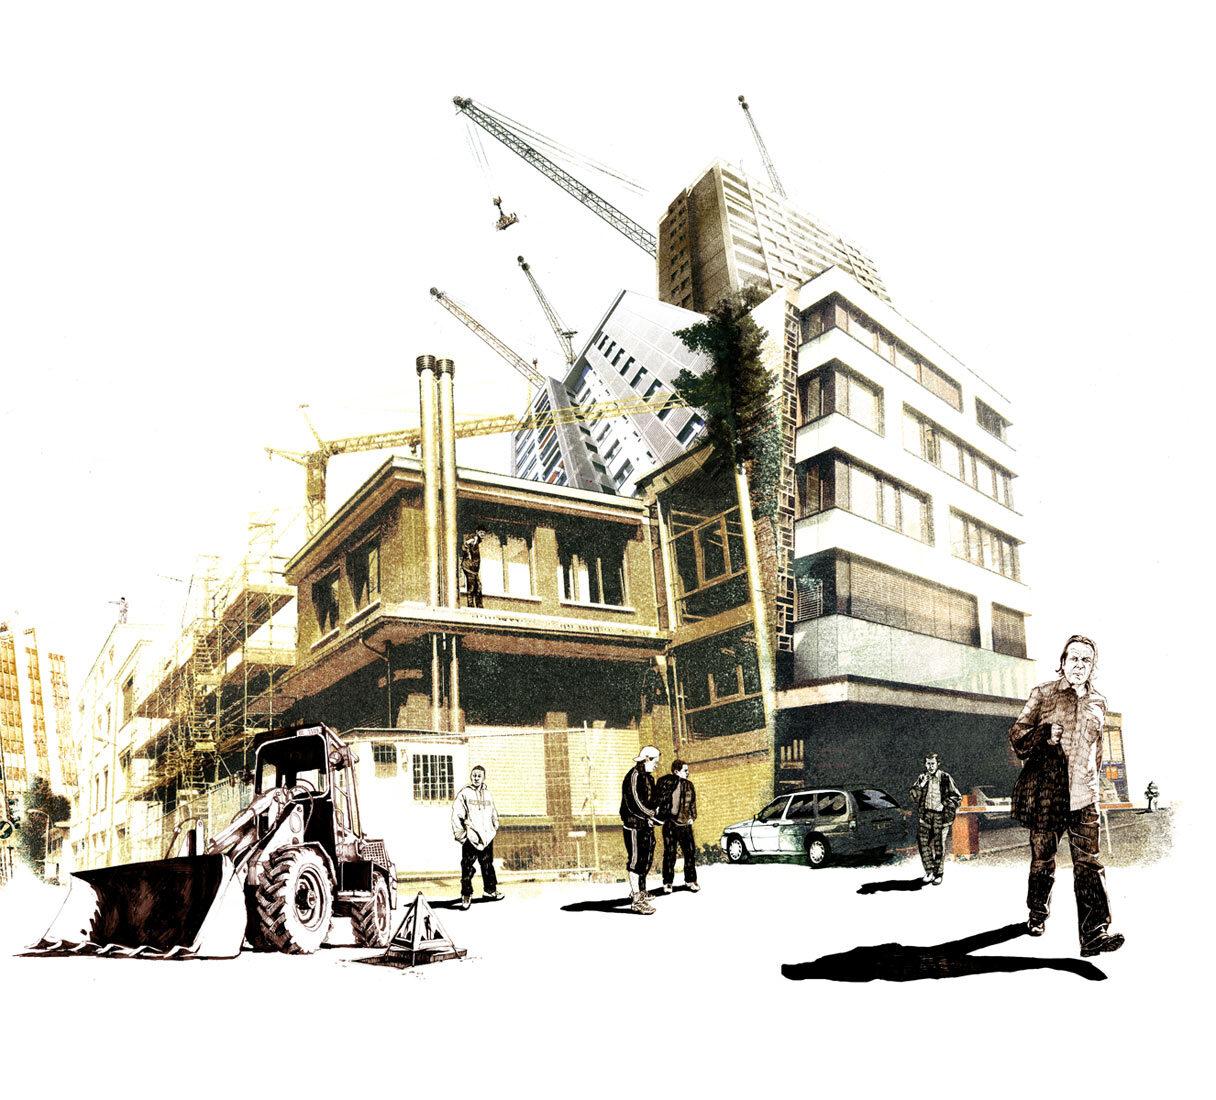 Mise en scene2 - Kornel Illustration | Kornel Stadler portfolio